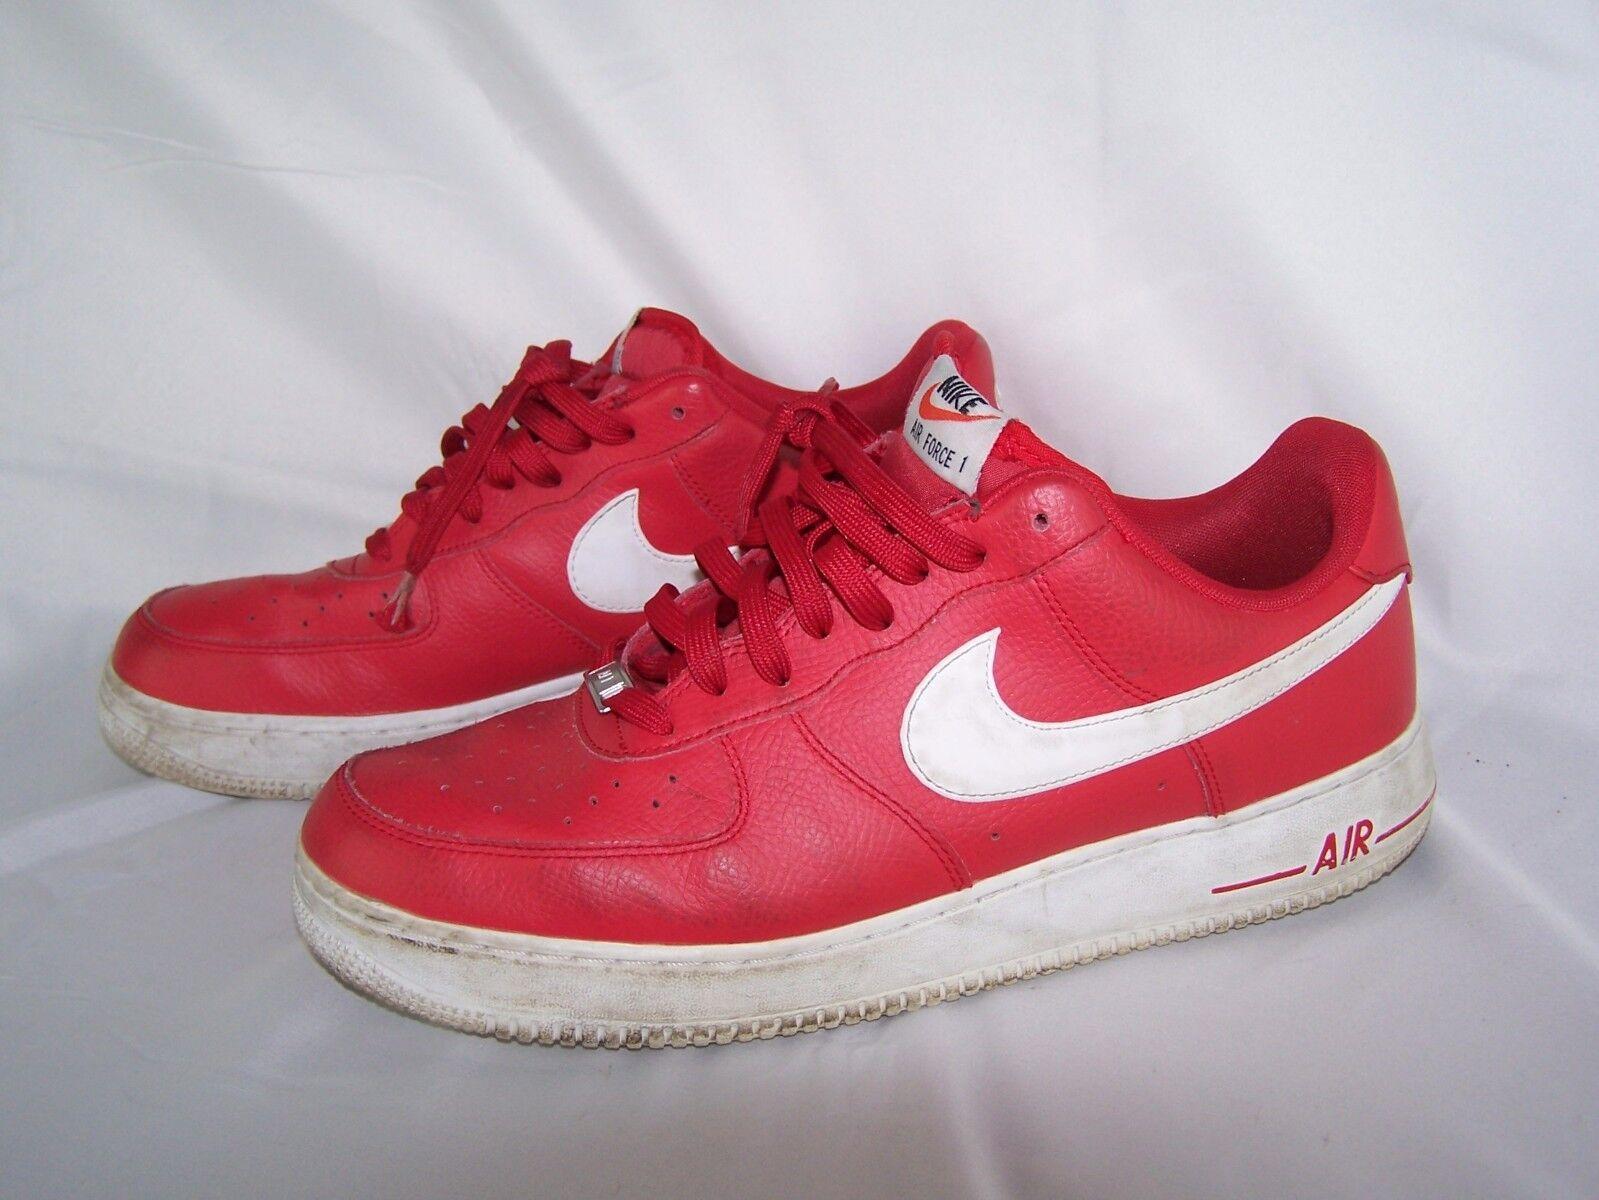 Nike Force 1 Baja Rojo y Air Blanco Tenis De Hombre Zapatos  Tenis Blanco f21491